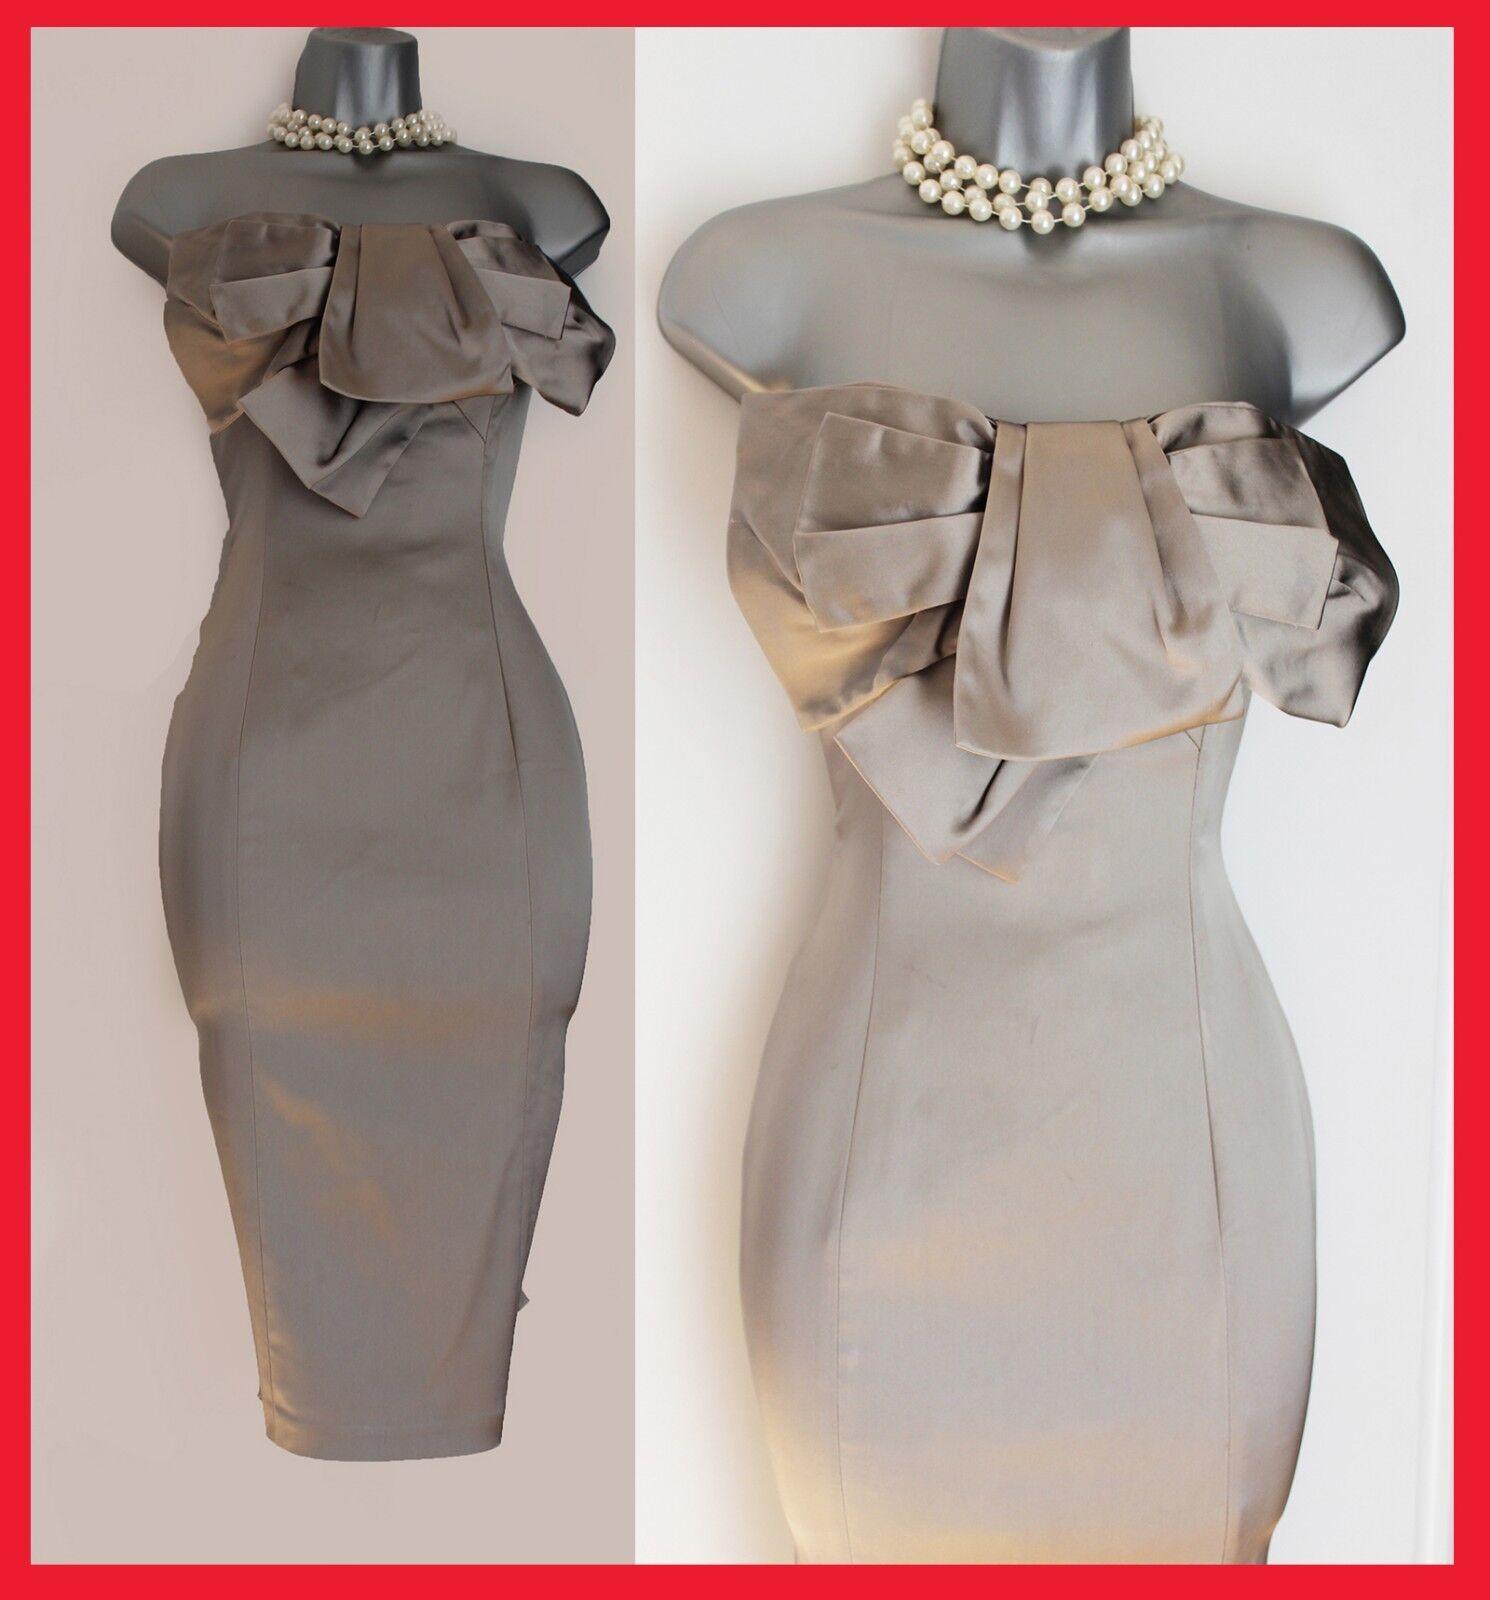 Karen Millen Beige Satin Bow Ballgown Strapless Elegant Cocktail Dress UK10 EU38